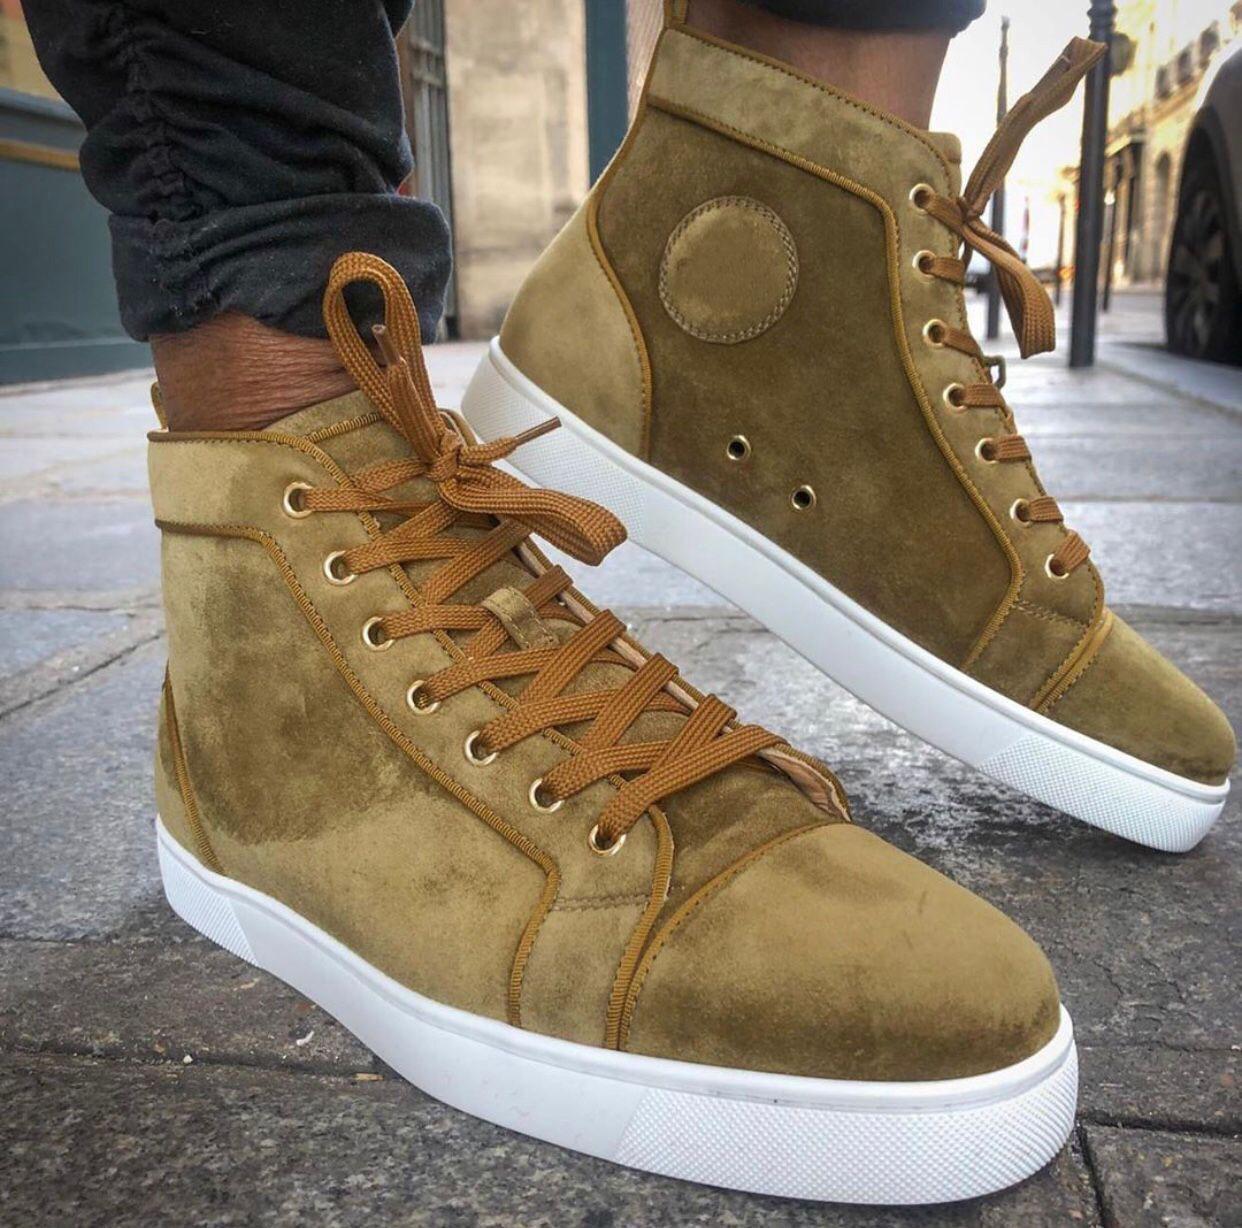 Ucuz Originals Gri, Beyaz, Siyah Süet Deri Sneakers Klasik Marka Erkekler Kadınlar Kırmızı Alt Ayakkabı Moda Man Kaykay Günlük Yürüyüş Ayakkabıları